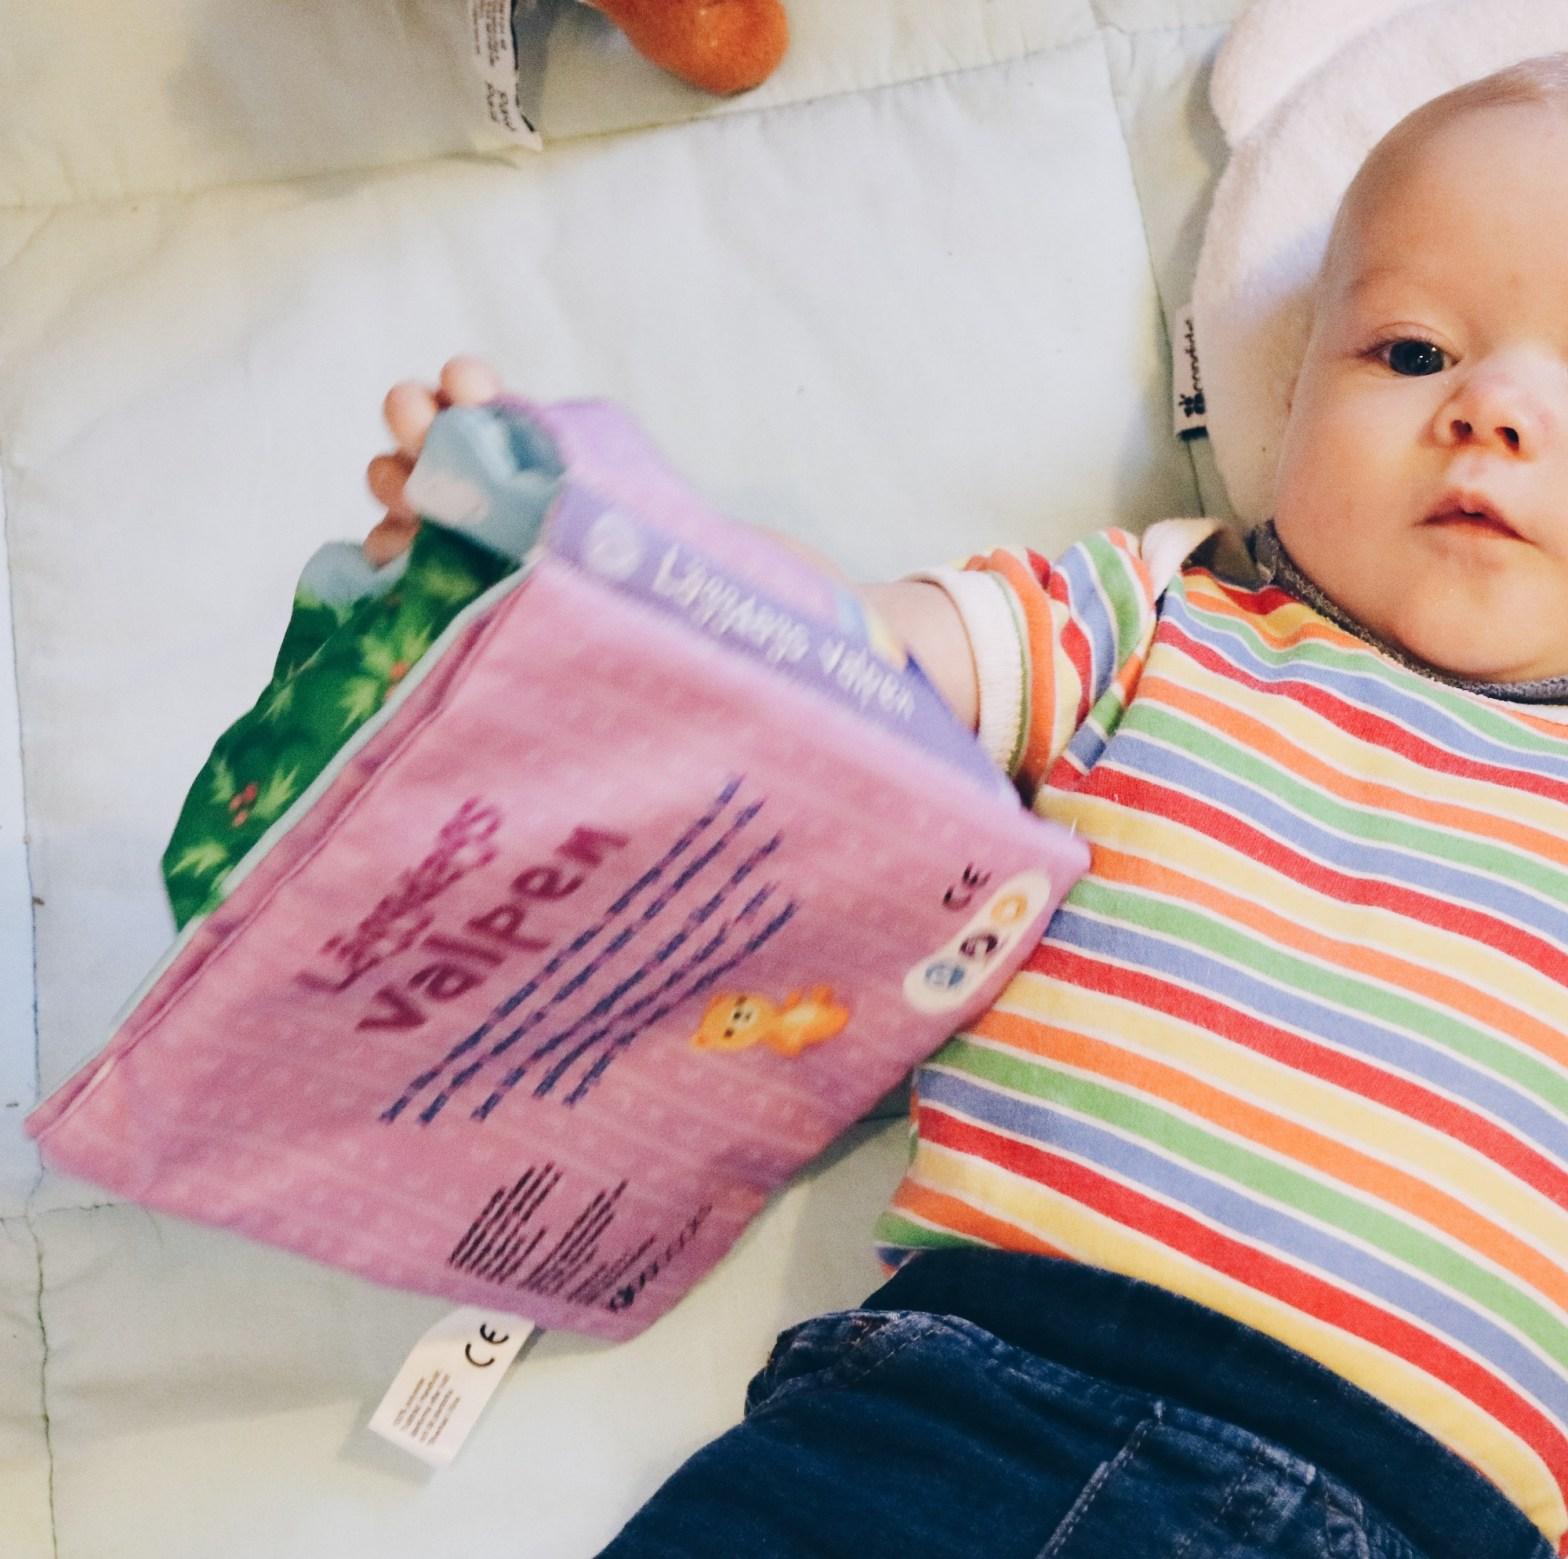 Vår dotter läser Läggdags valpen